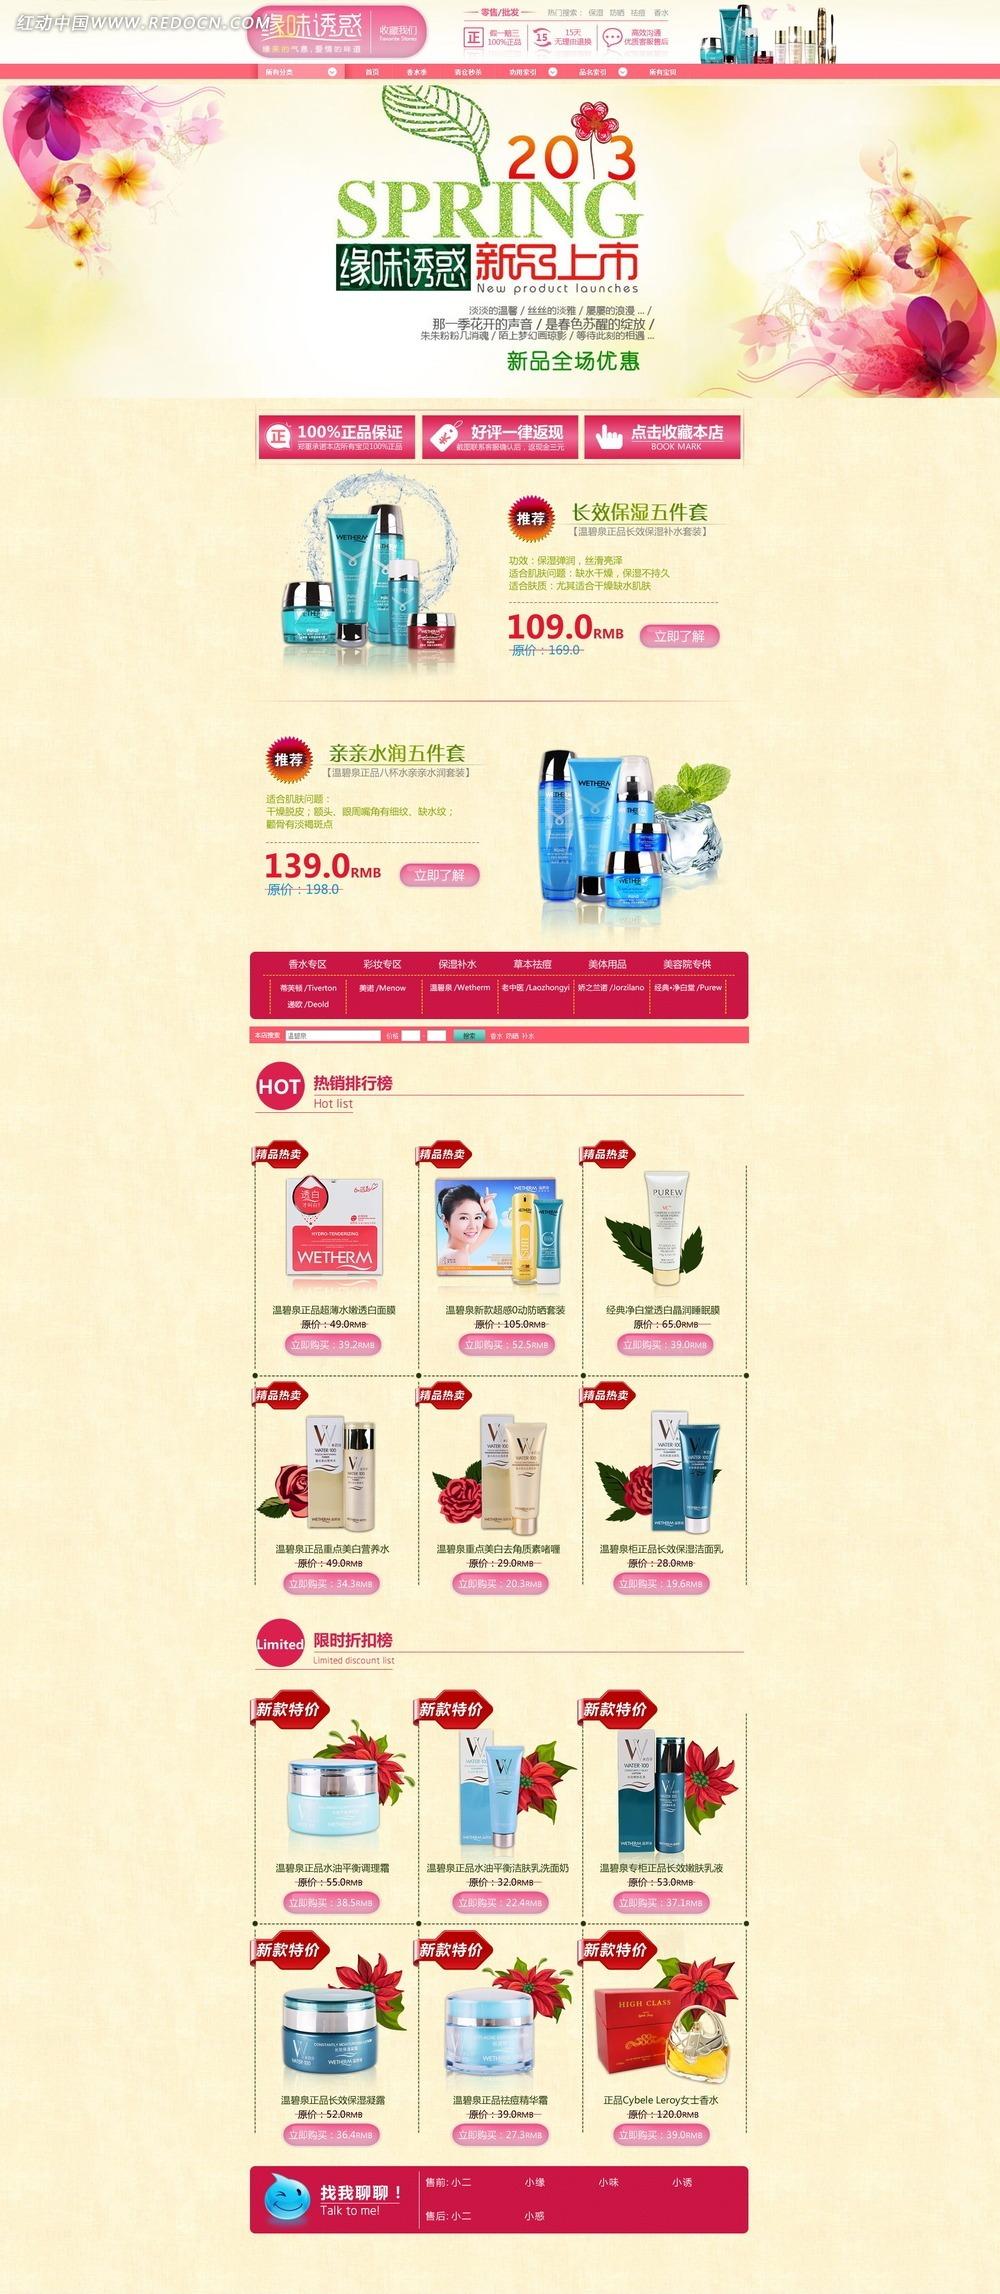 化妆品淘宝店首页模板psd素材免费下载_红动网